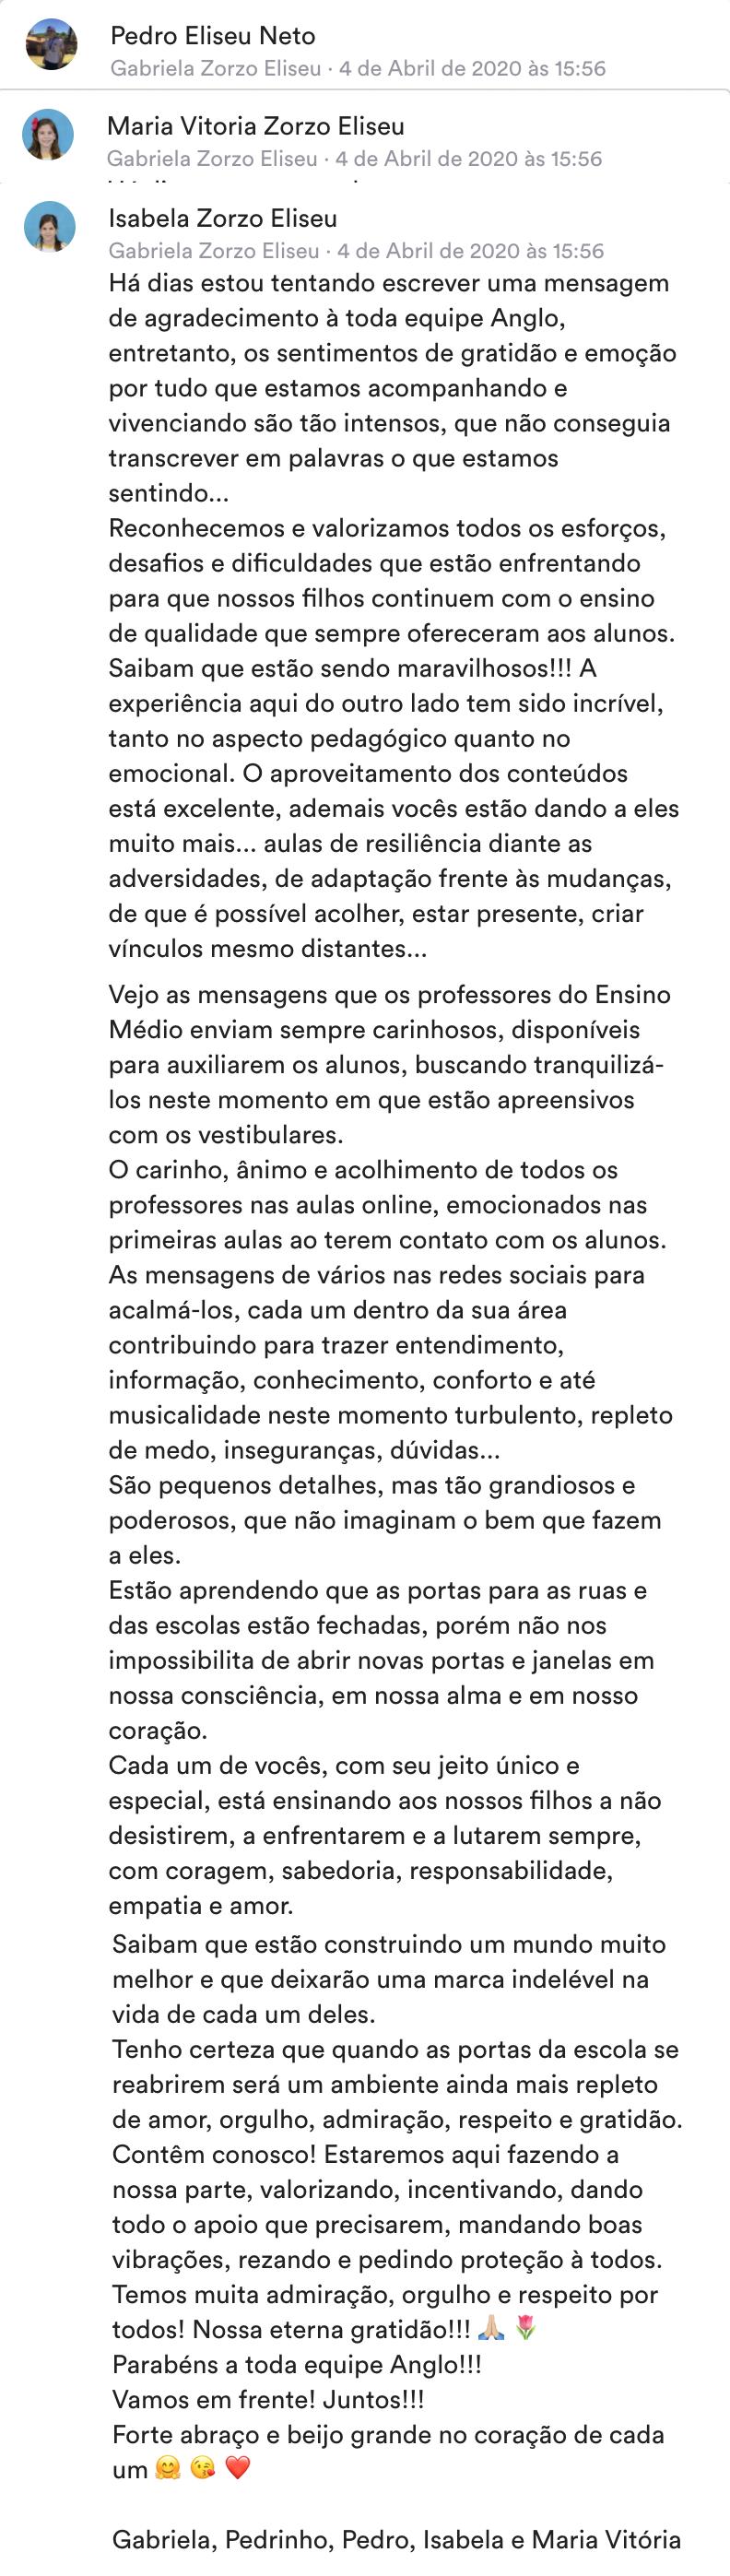 Captura_de_Tela_2020-04-04_às_16.11.51